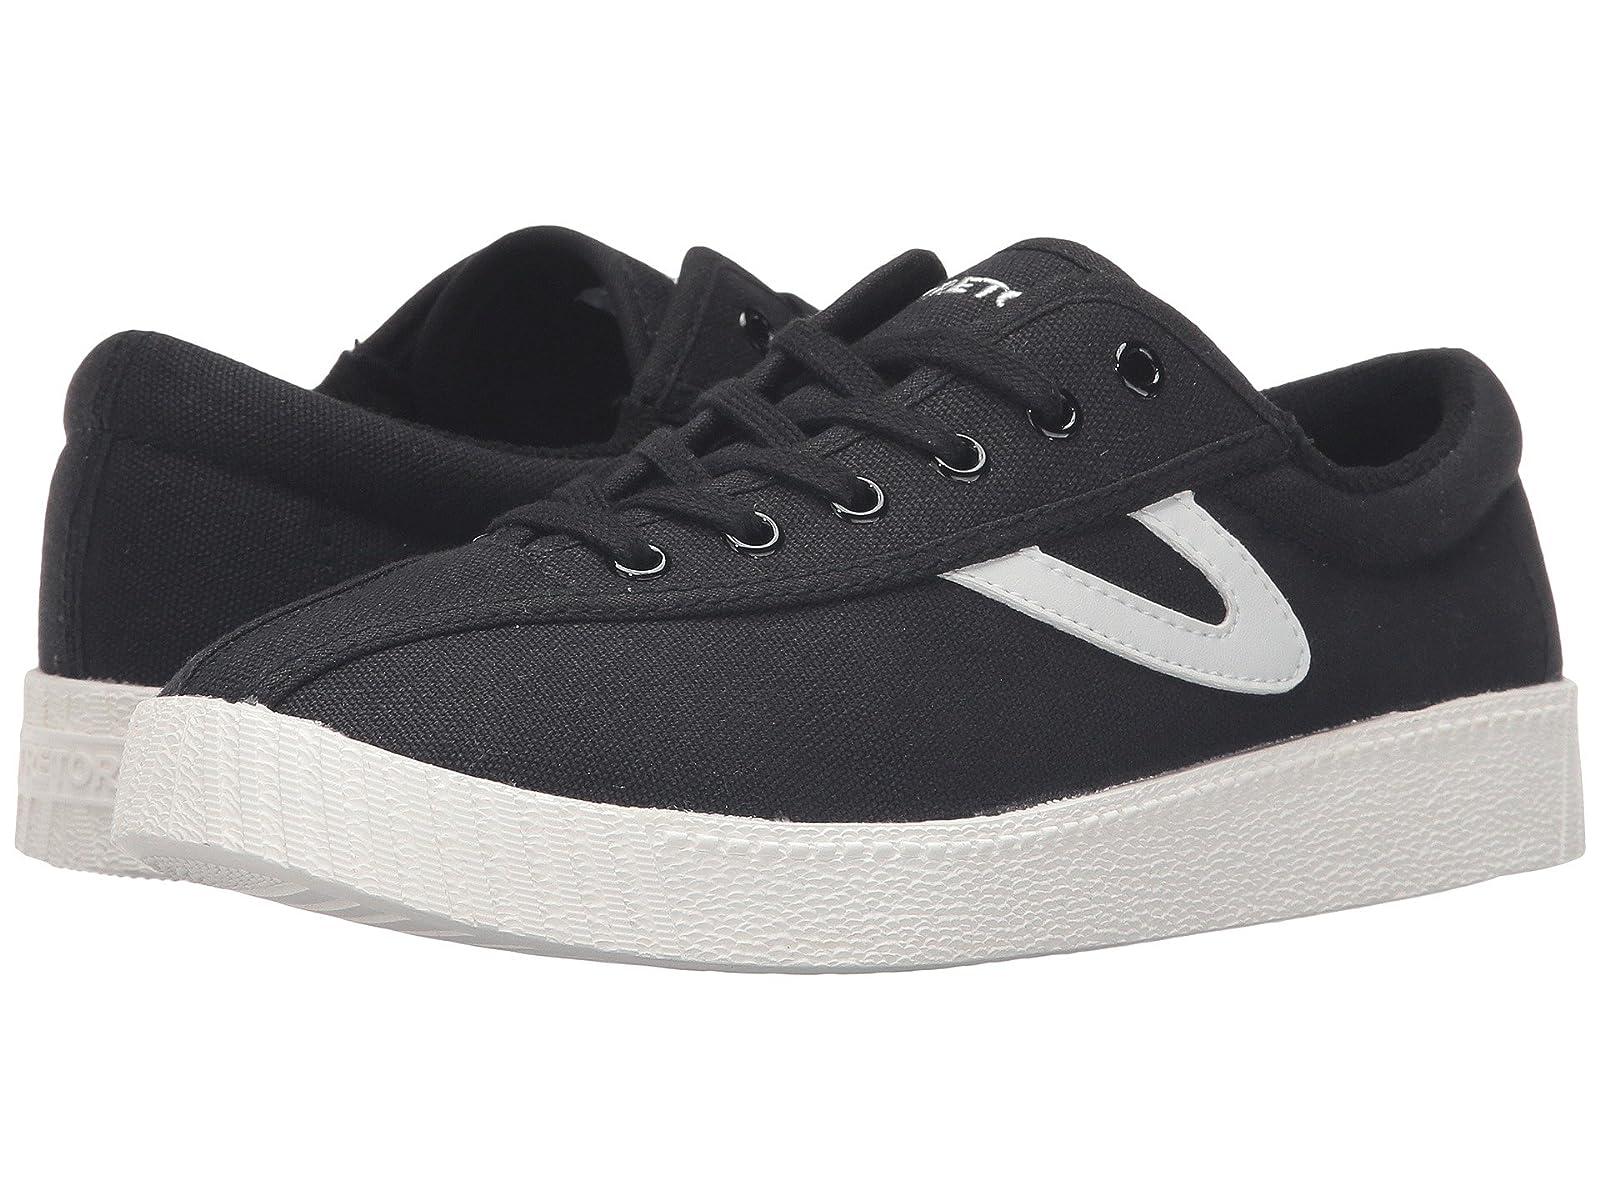 Tretorn Nylite PlusAtmospheric grades have affordable shoes